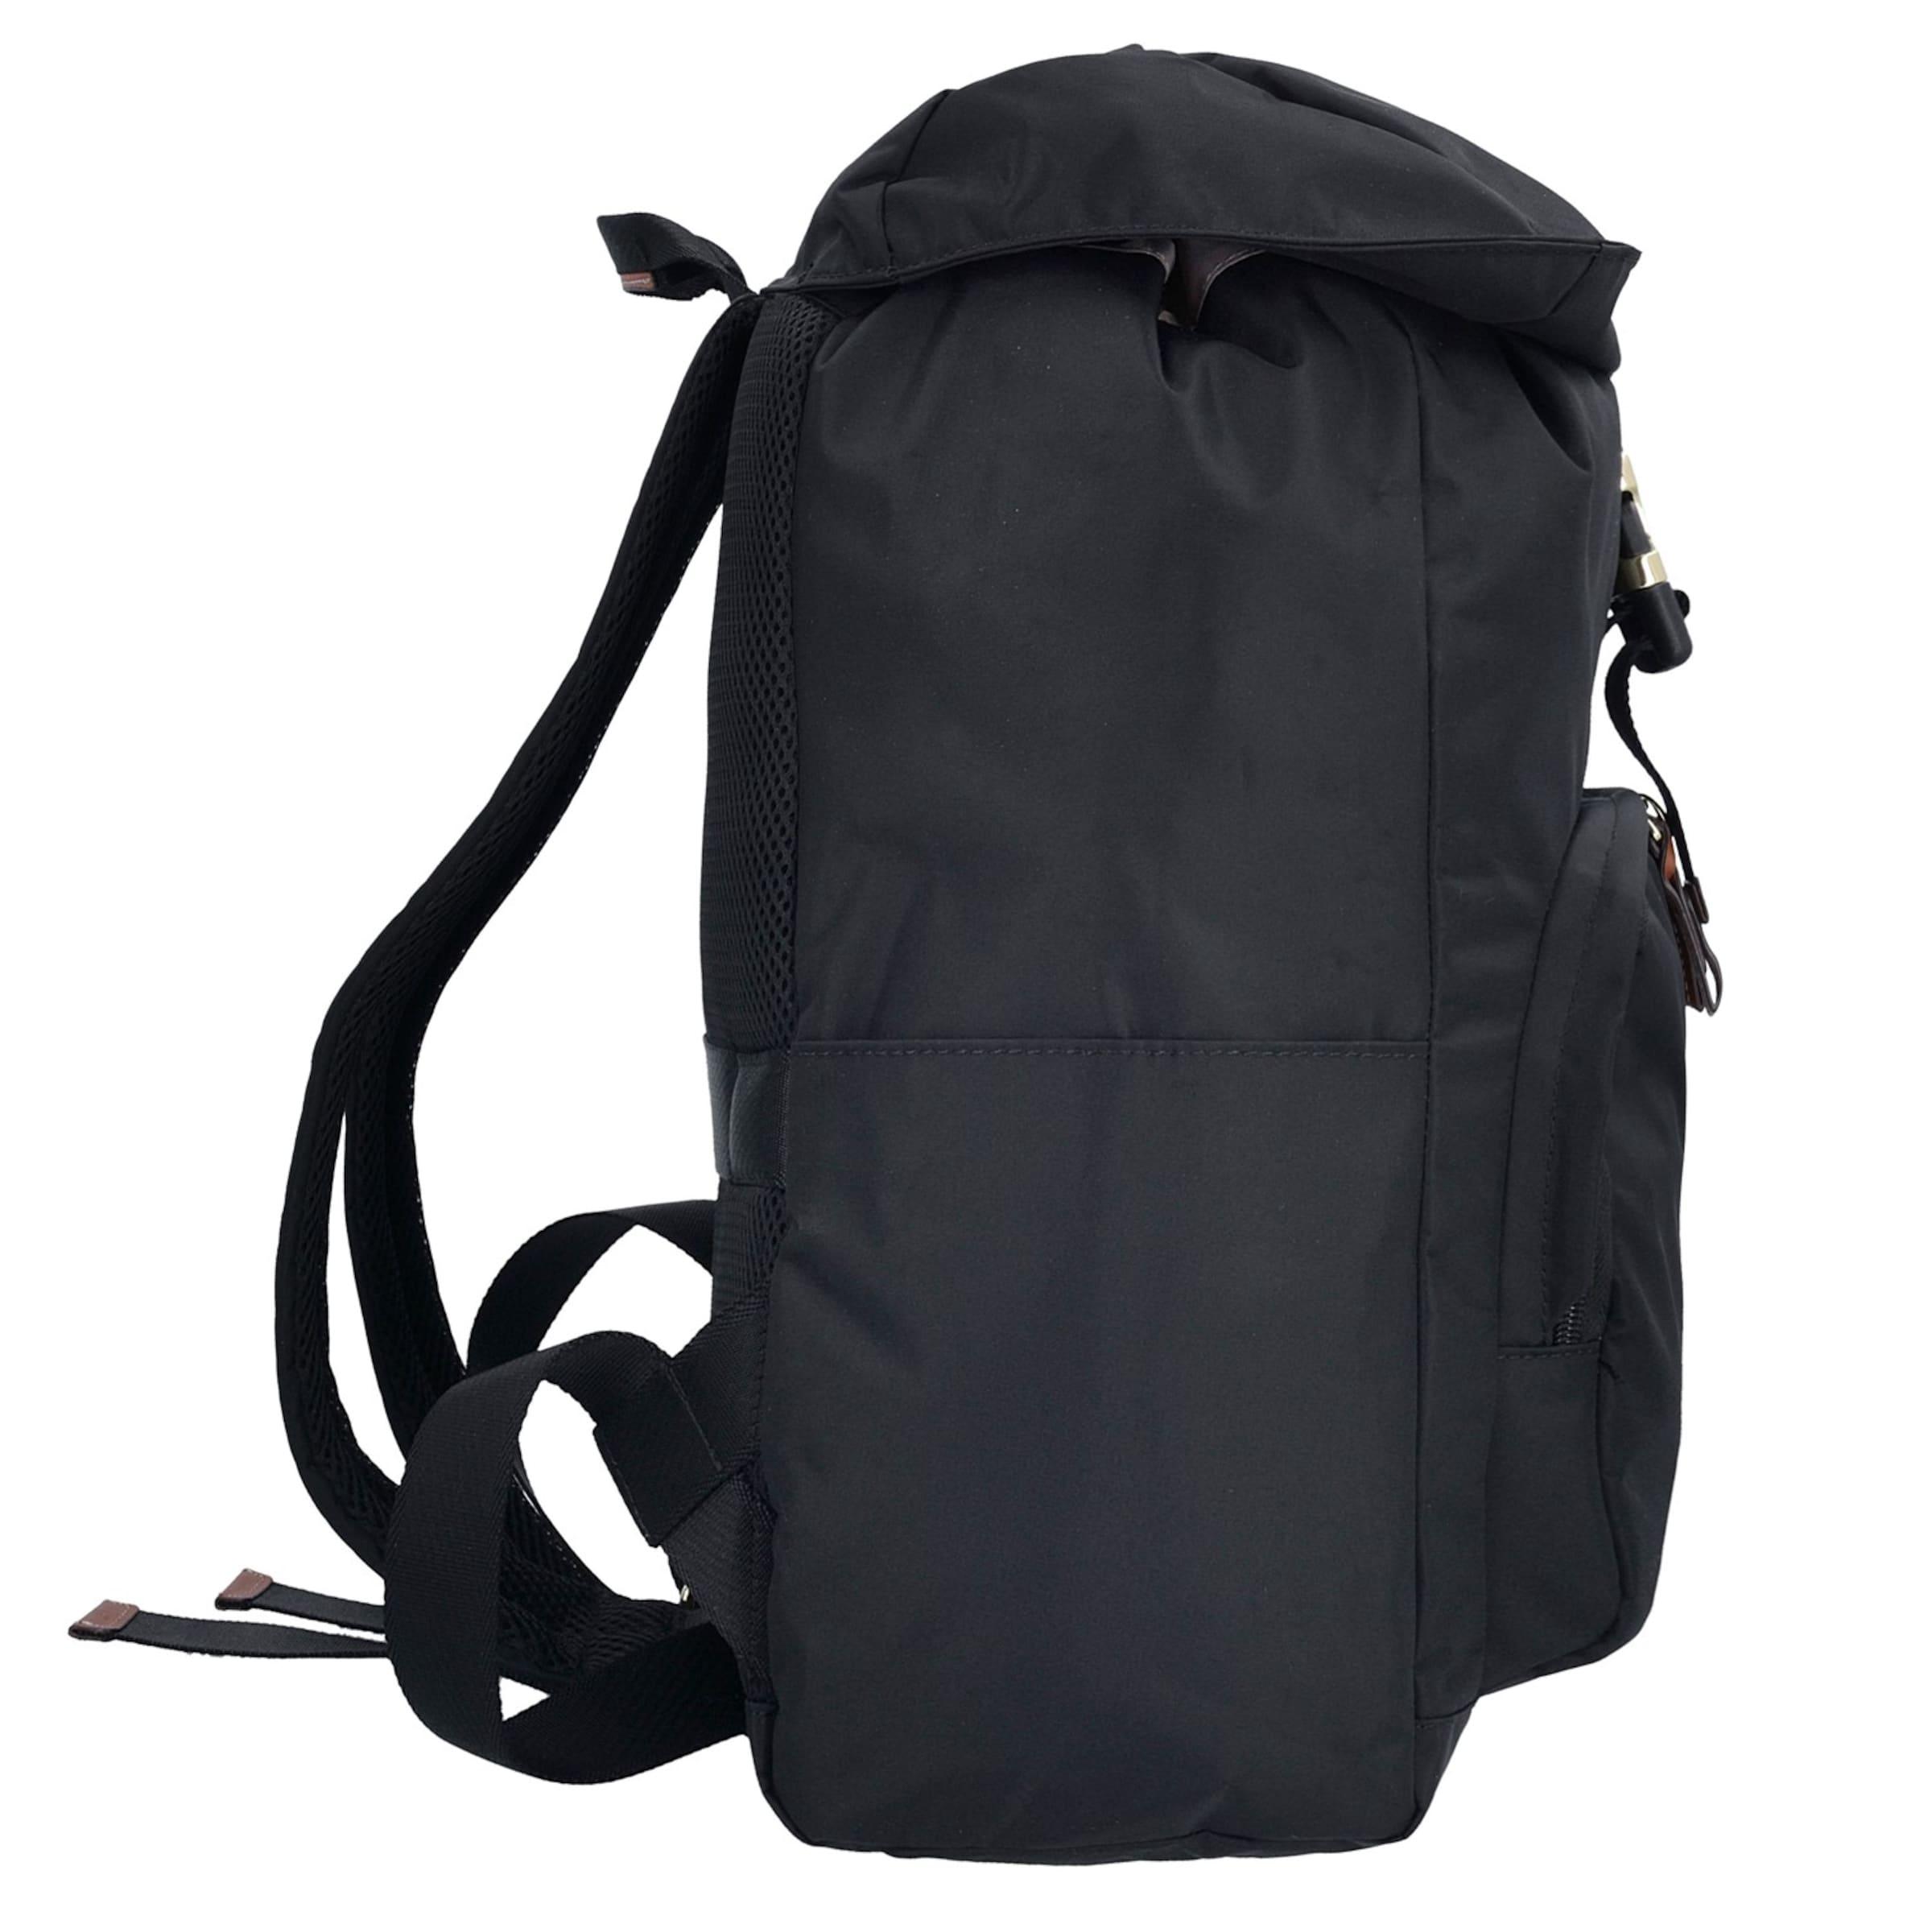 Finish Online Outlet Kaufen Bric's X-Travel Ruecksack 39 cm Laptopfach Zu Verkaufen Sehr Billig Auslassstellen Spielraum Besuch MfTWoFh